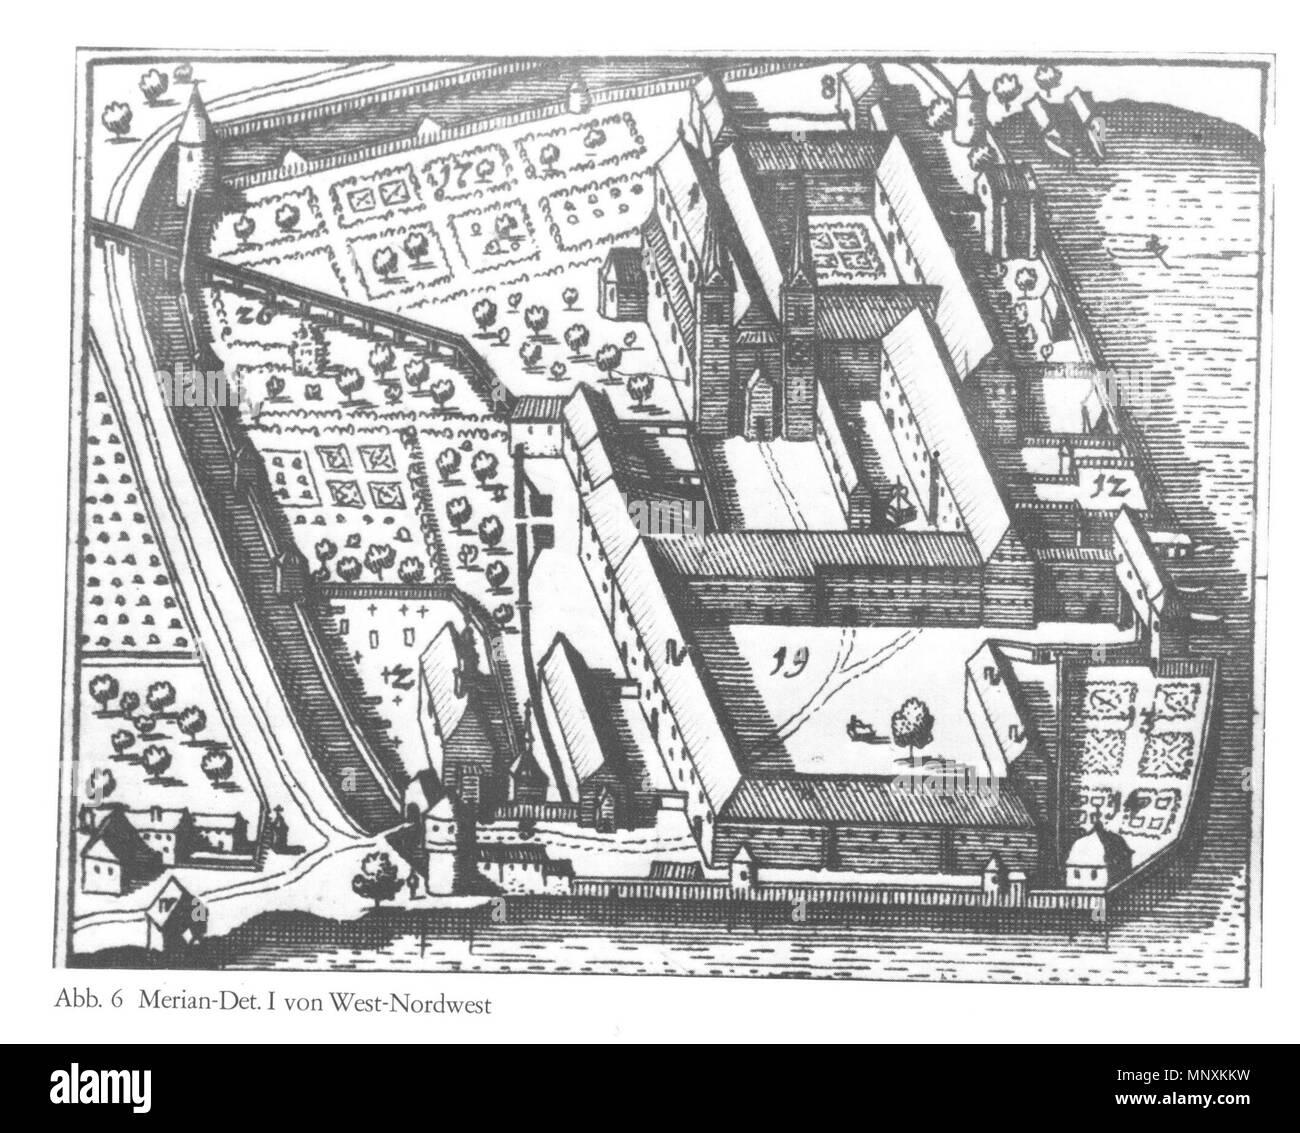 .  Deutsch: Kloster Tegernsee, Ansicht von West-Nordwest, Detaildarstellung in Matthäus Merian: Topographica Bavaria, 1644 . 1644.   1164 Tegernsee Merian 02 Stock Photo